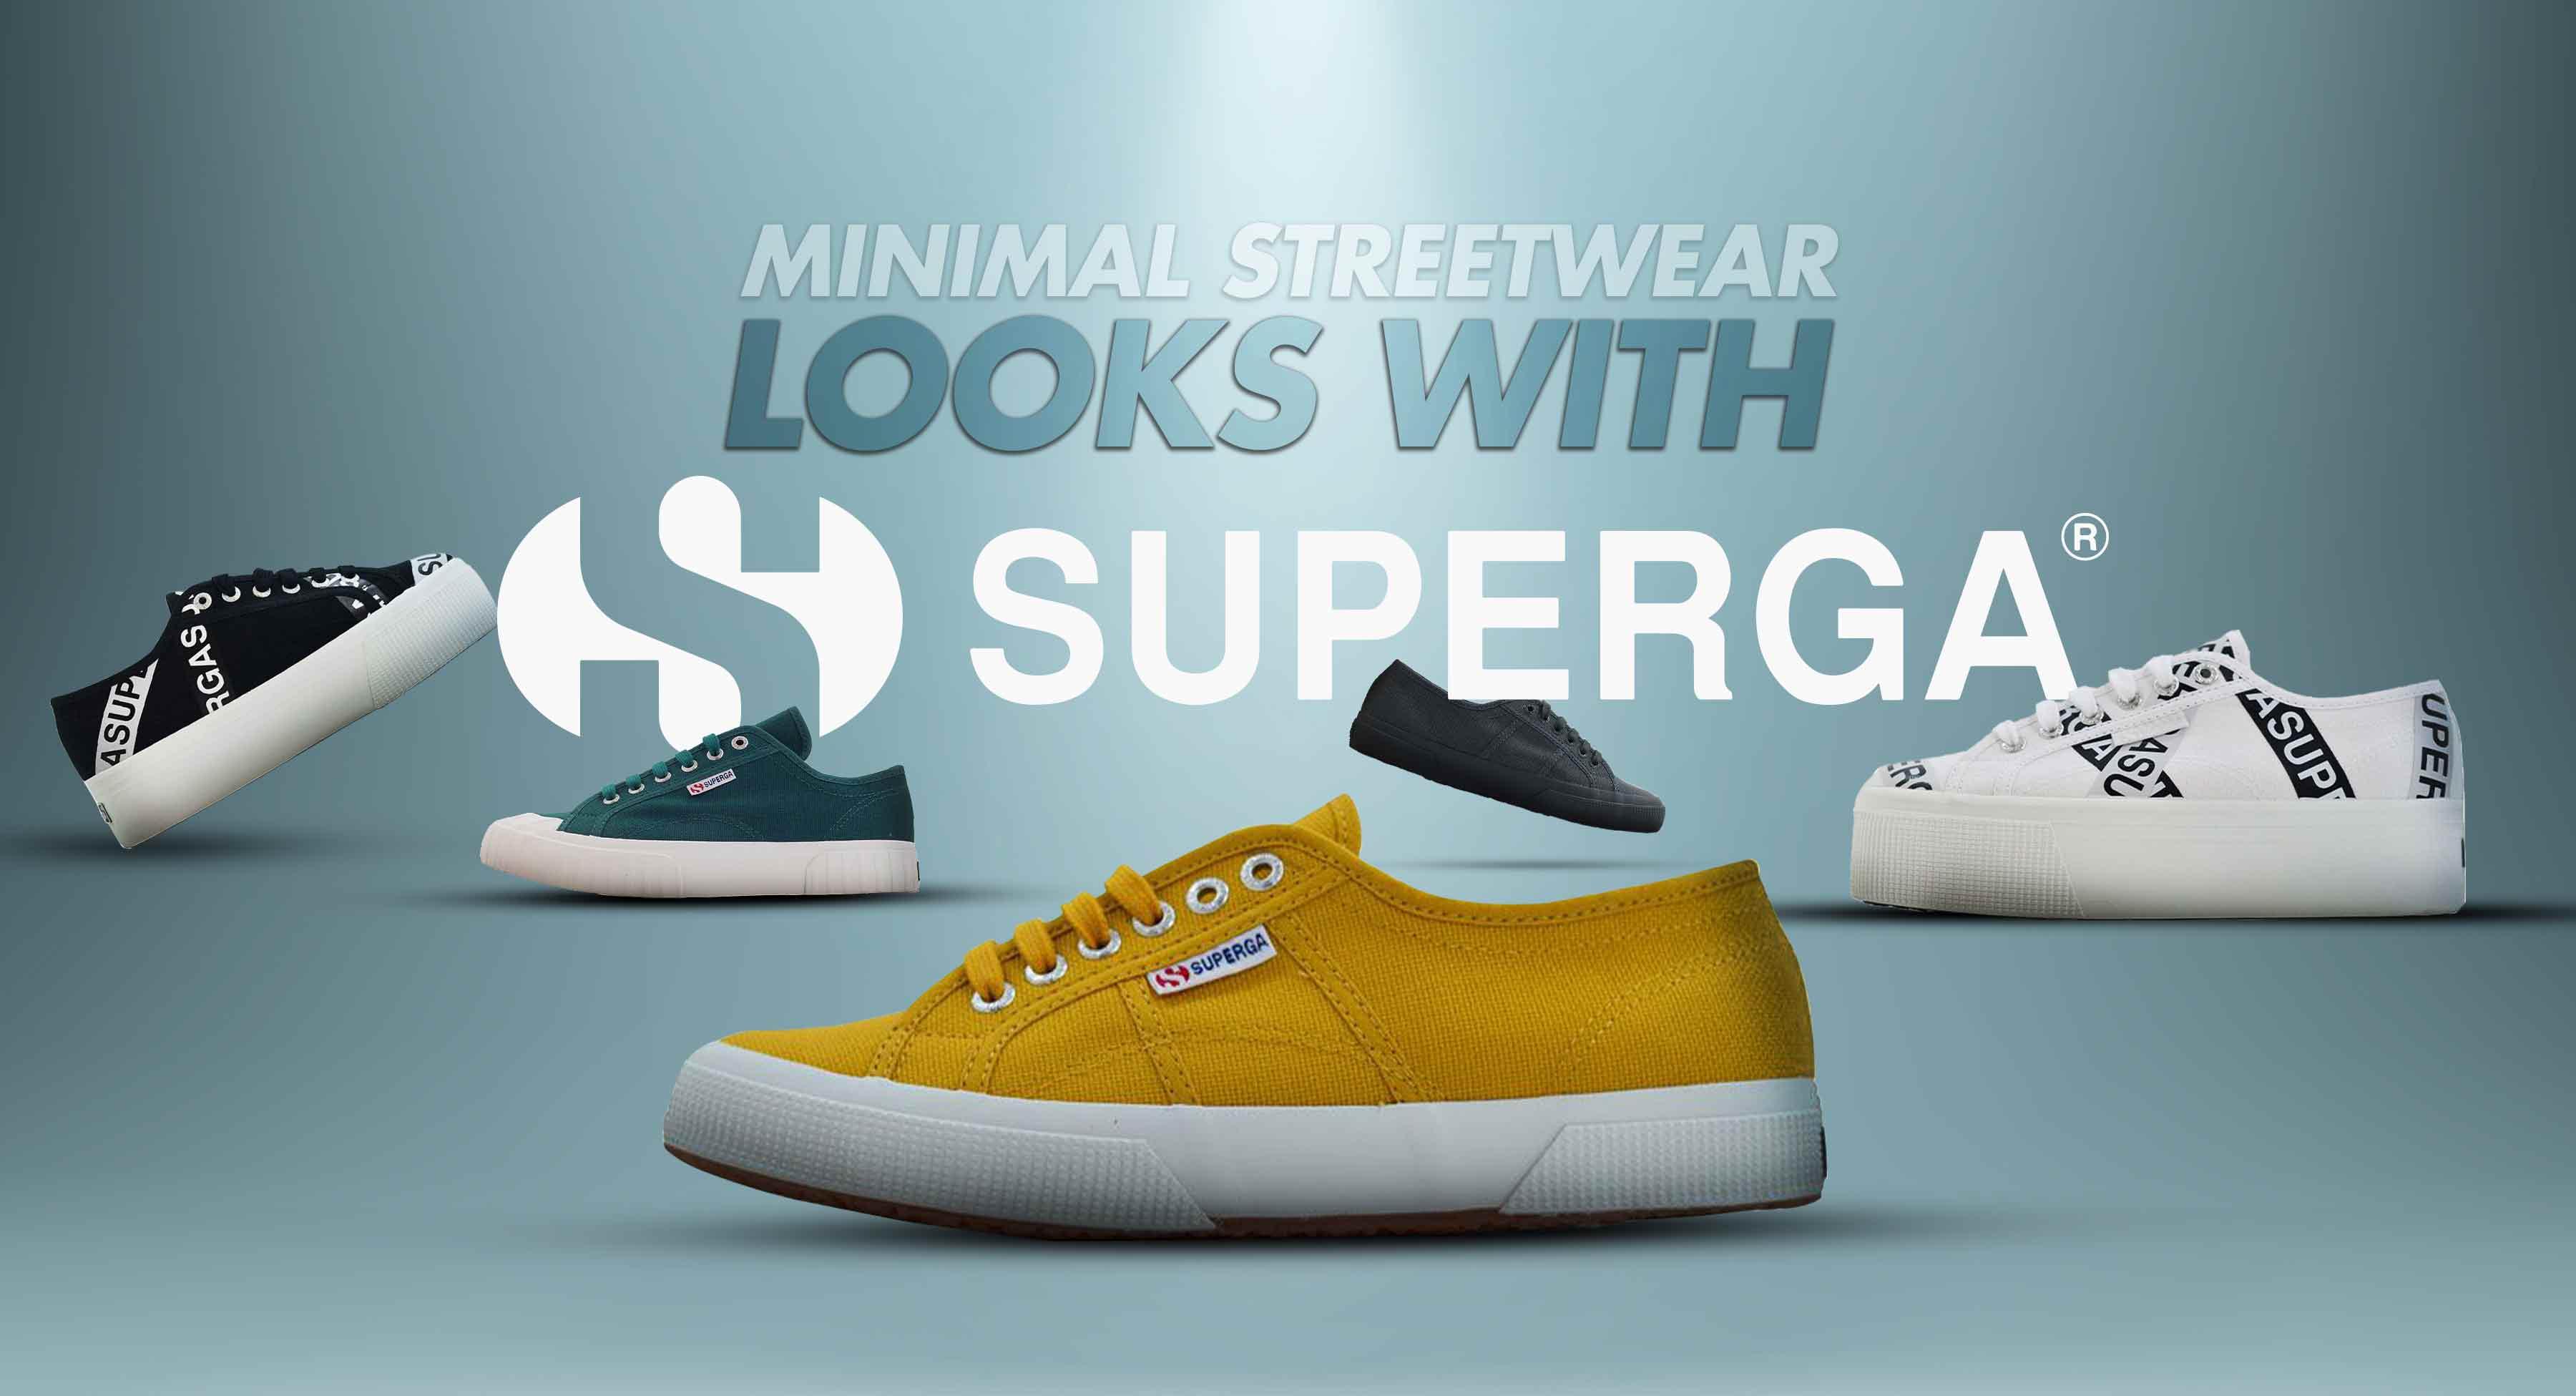 Minimal Streetwear Looks with Superga